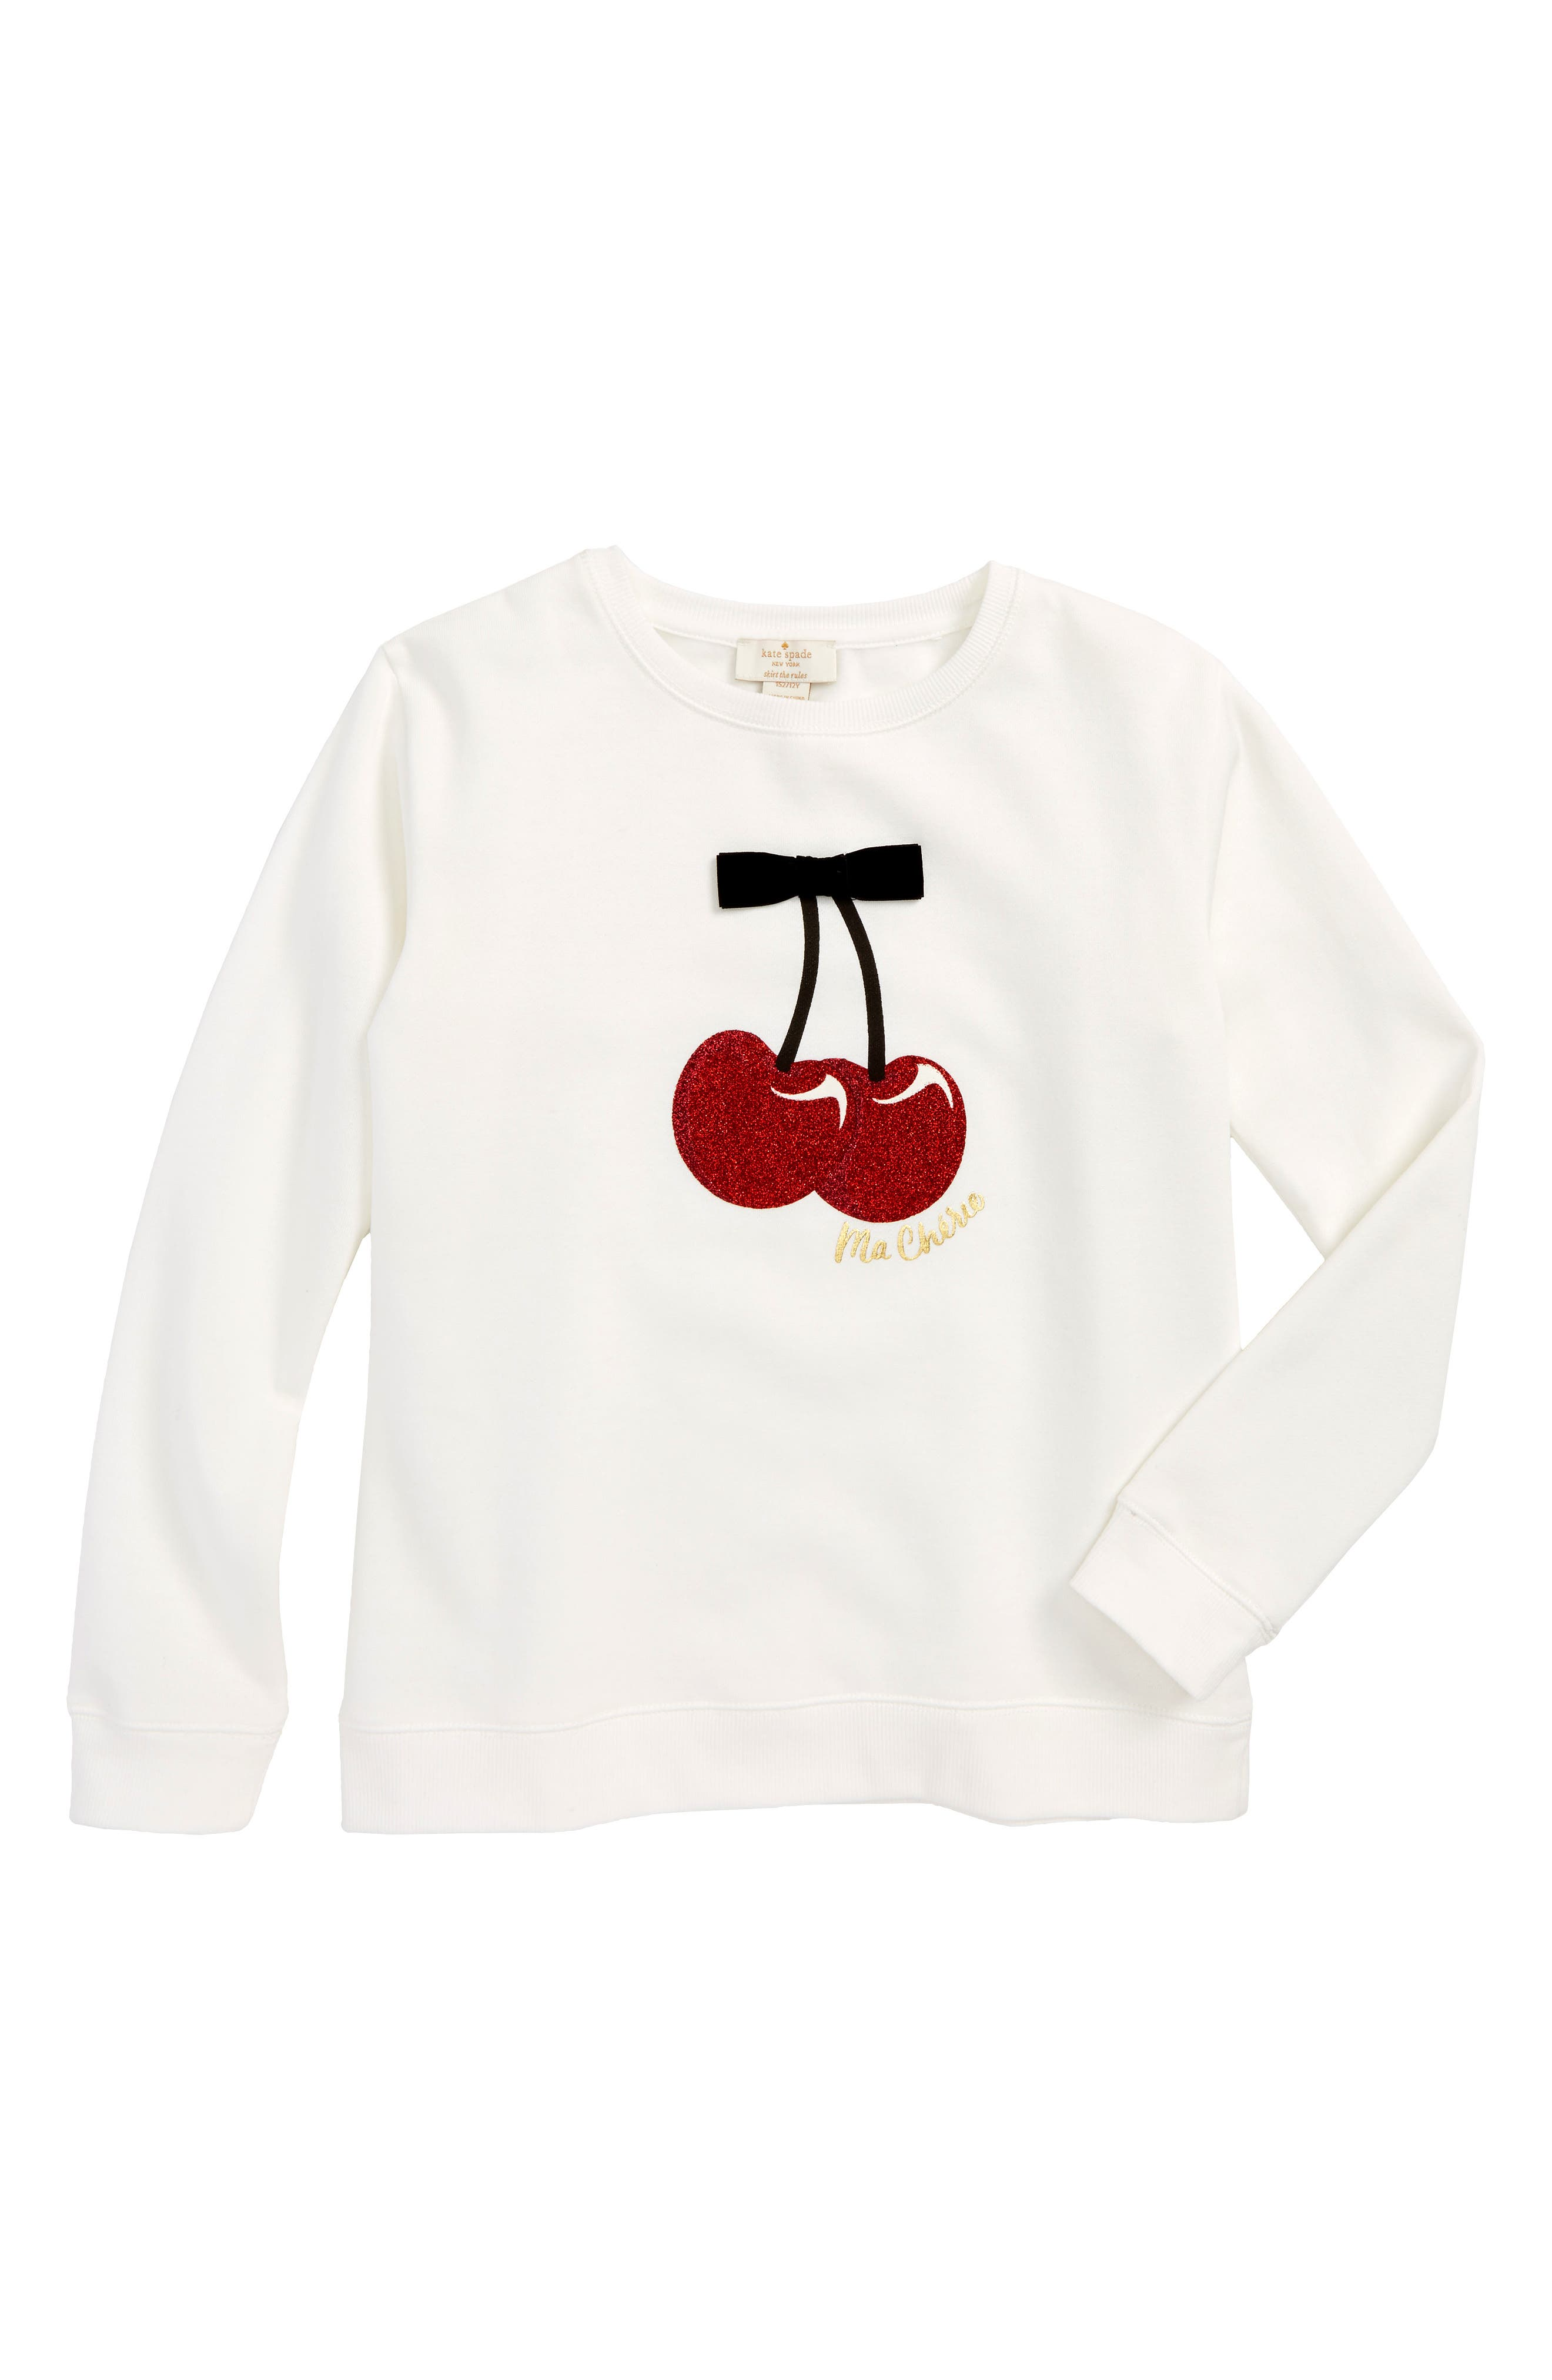 kate spade new york cherries sweatshirt (Big Girls)